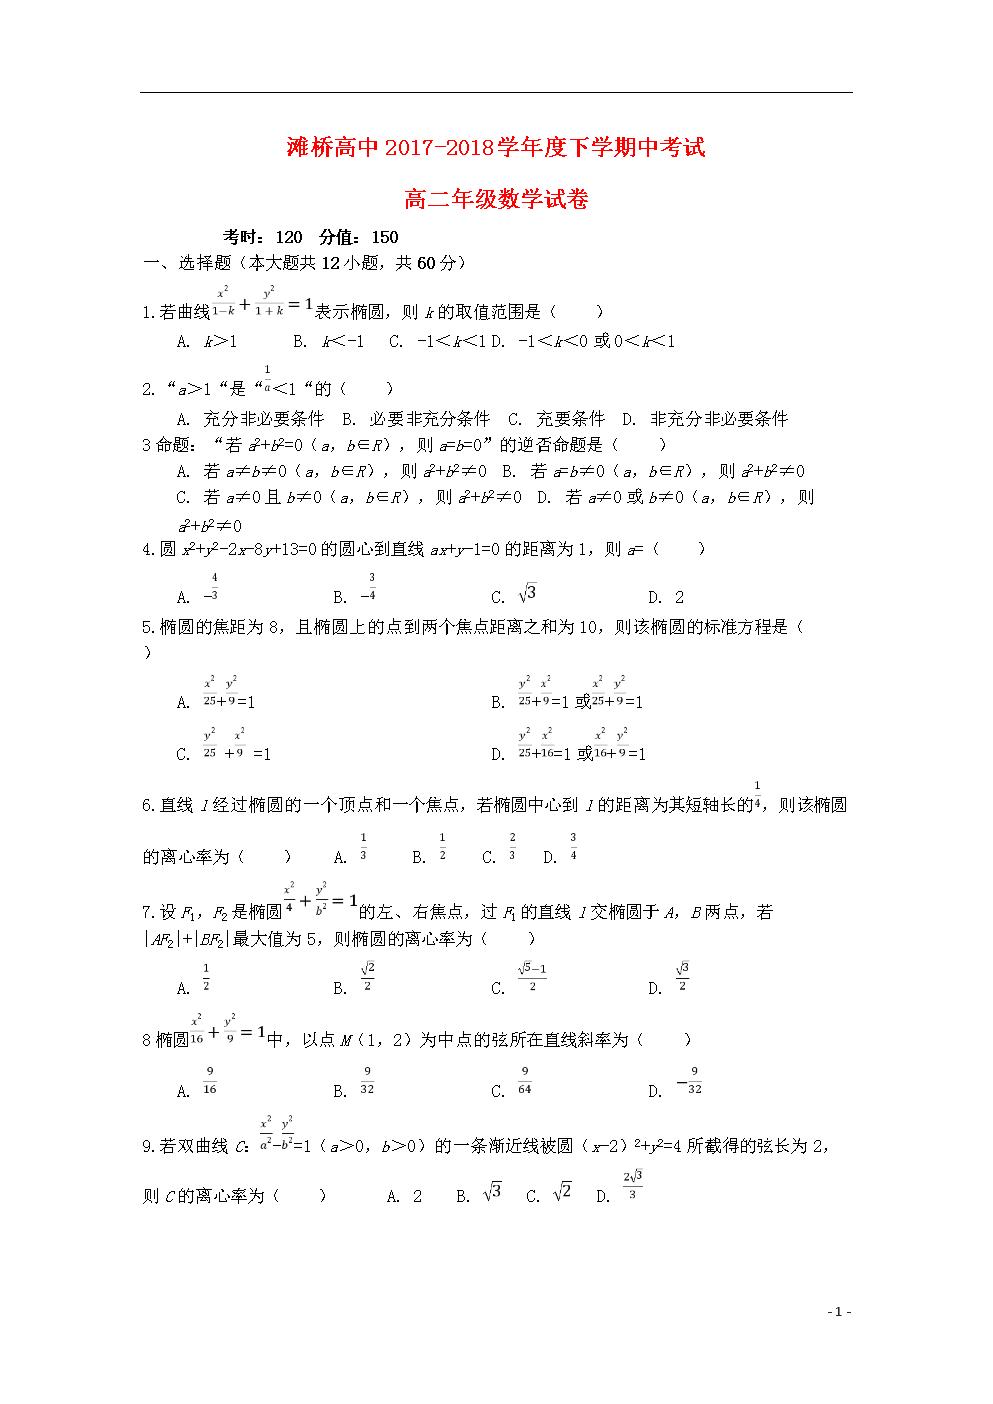 湖北省荆州市滩桥高级中学2017-2018高二学年高中生照片照男证件图片